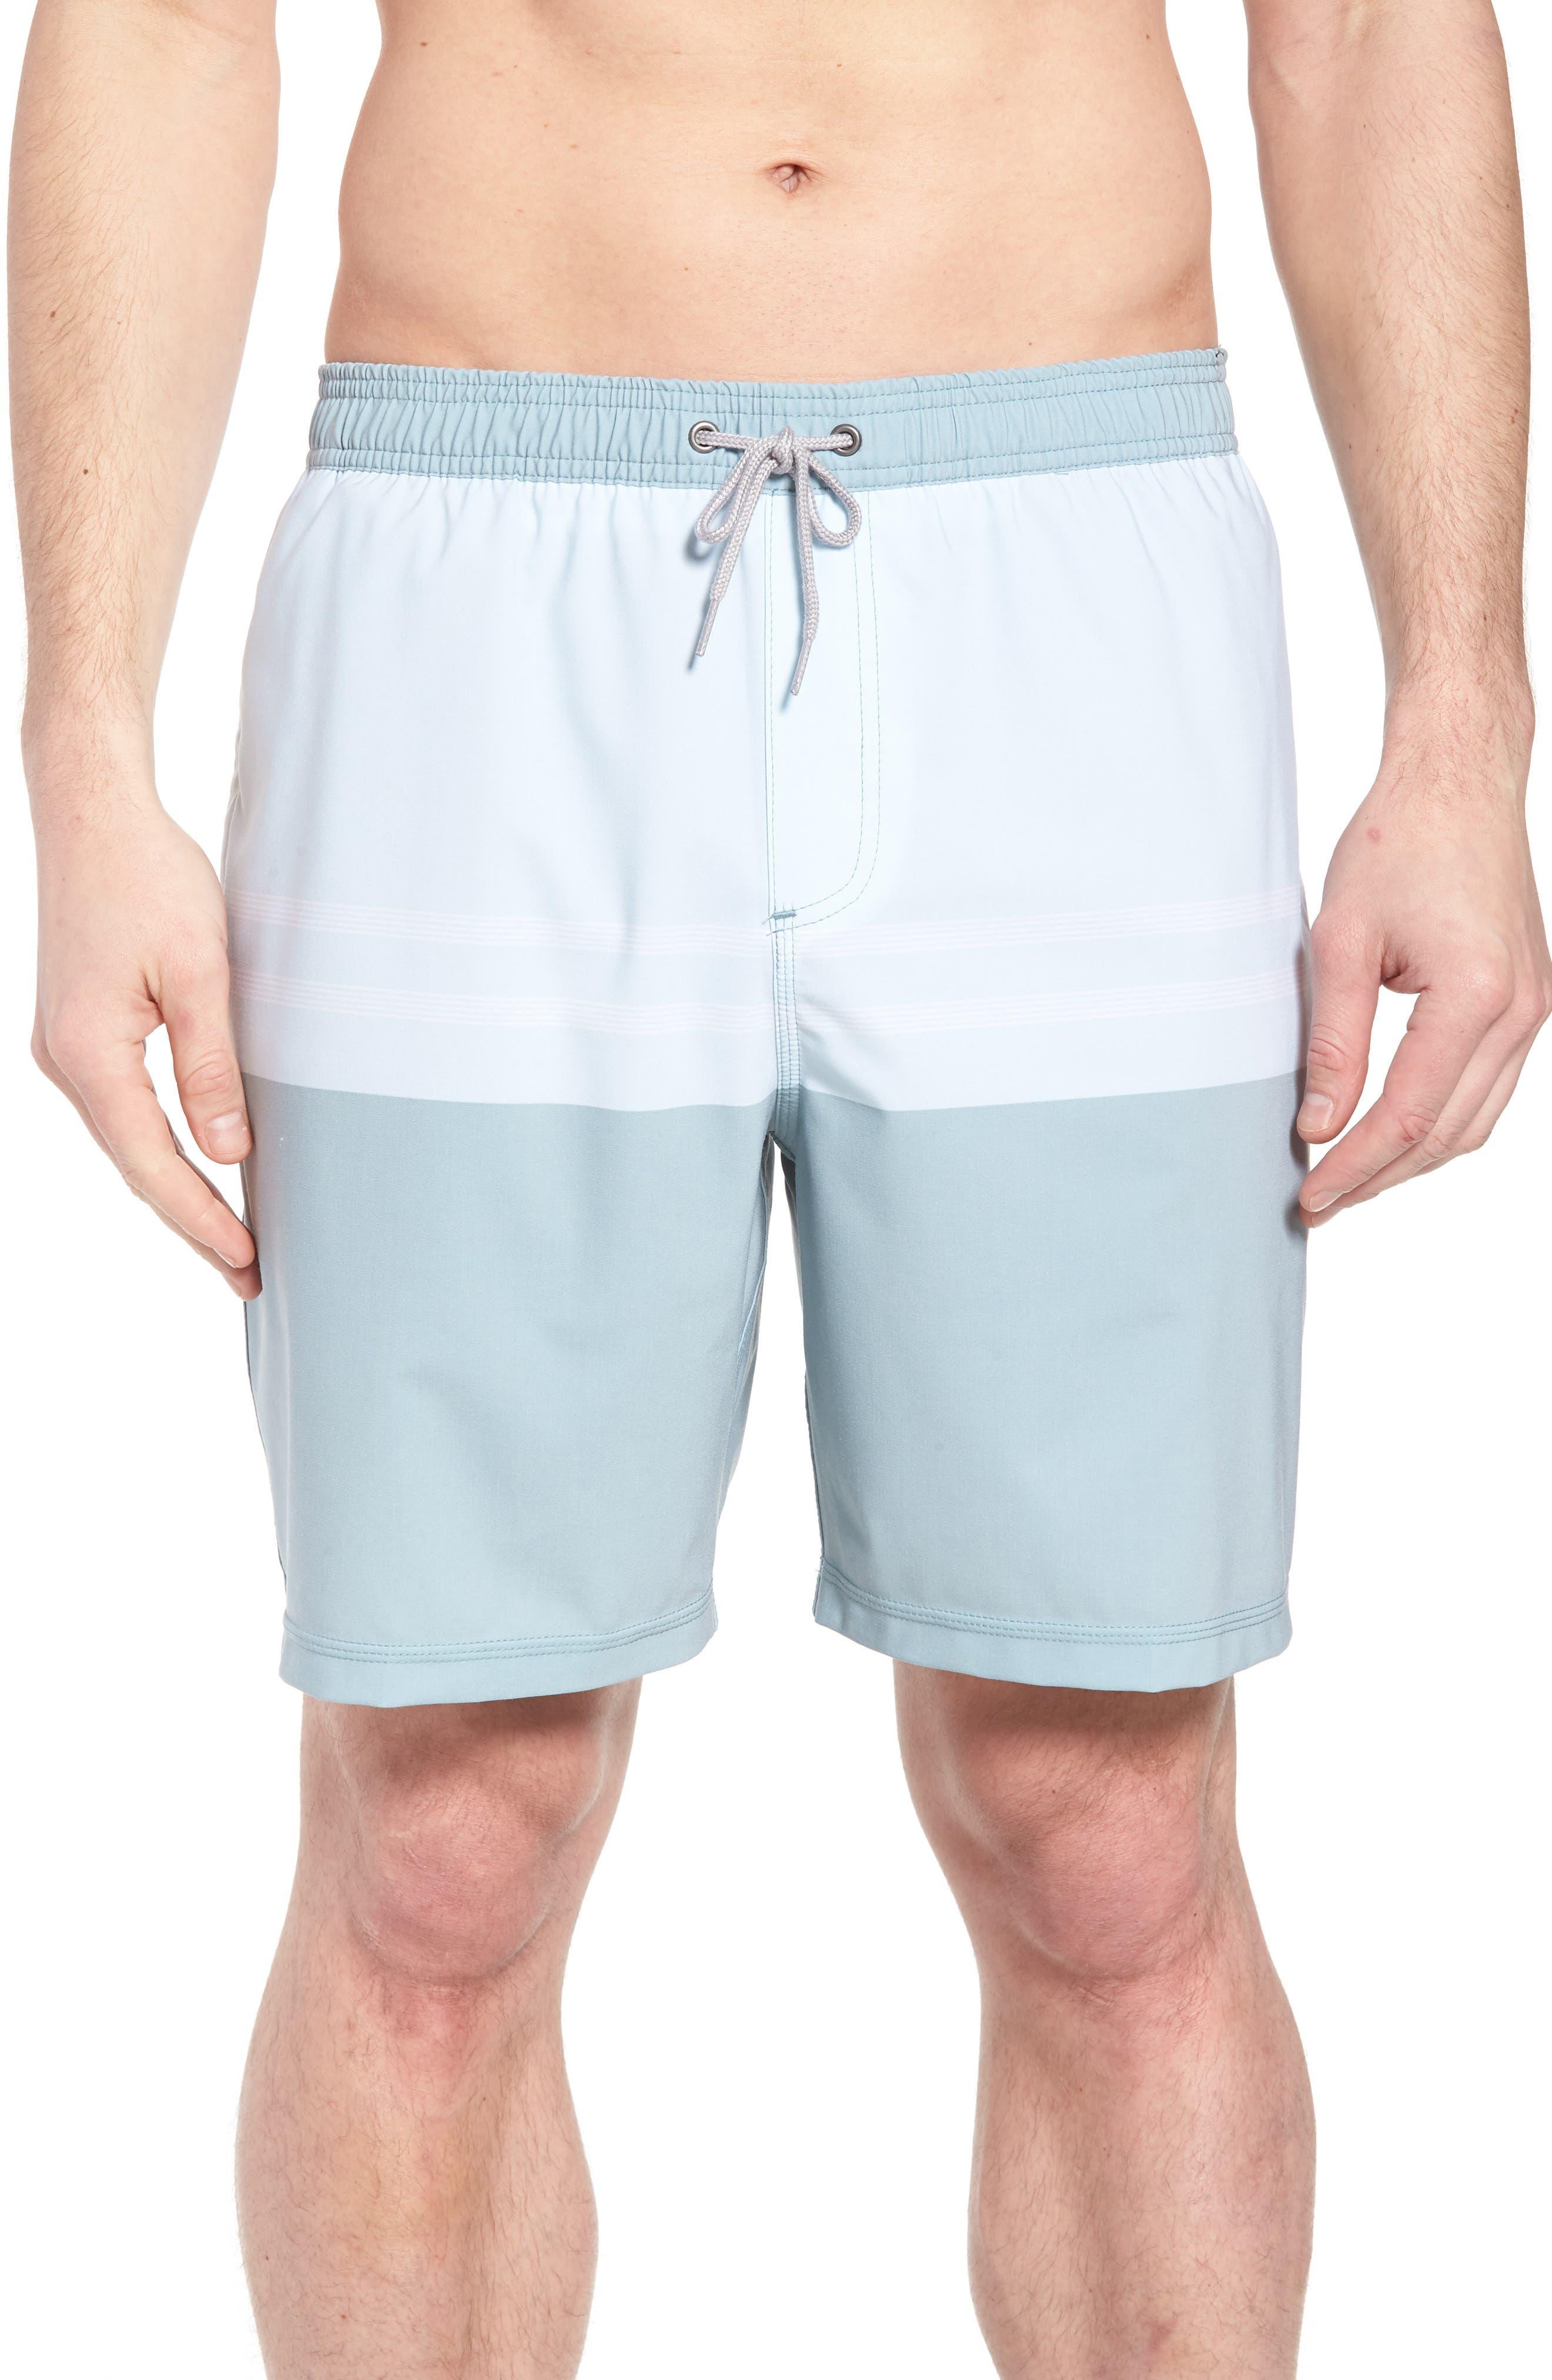 Pier Board Shorts,                             Main thumbnail 3, color,